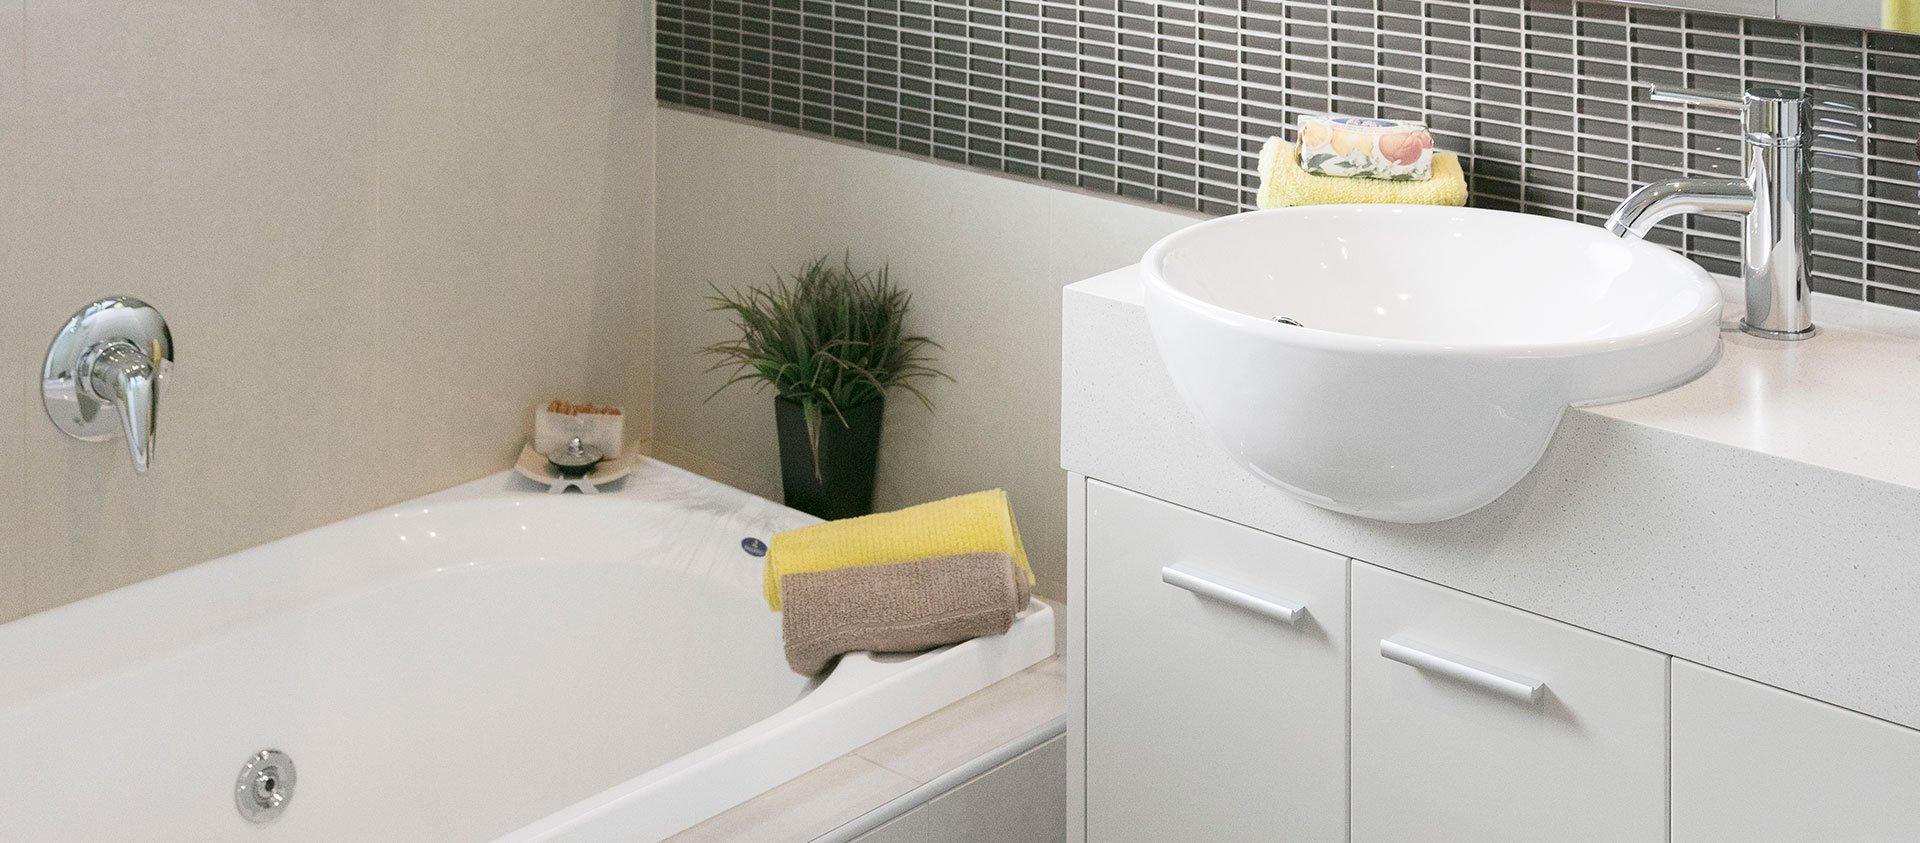 como-limpiar-el-bano-en-3-minutos